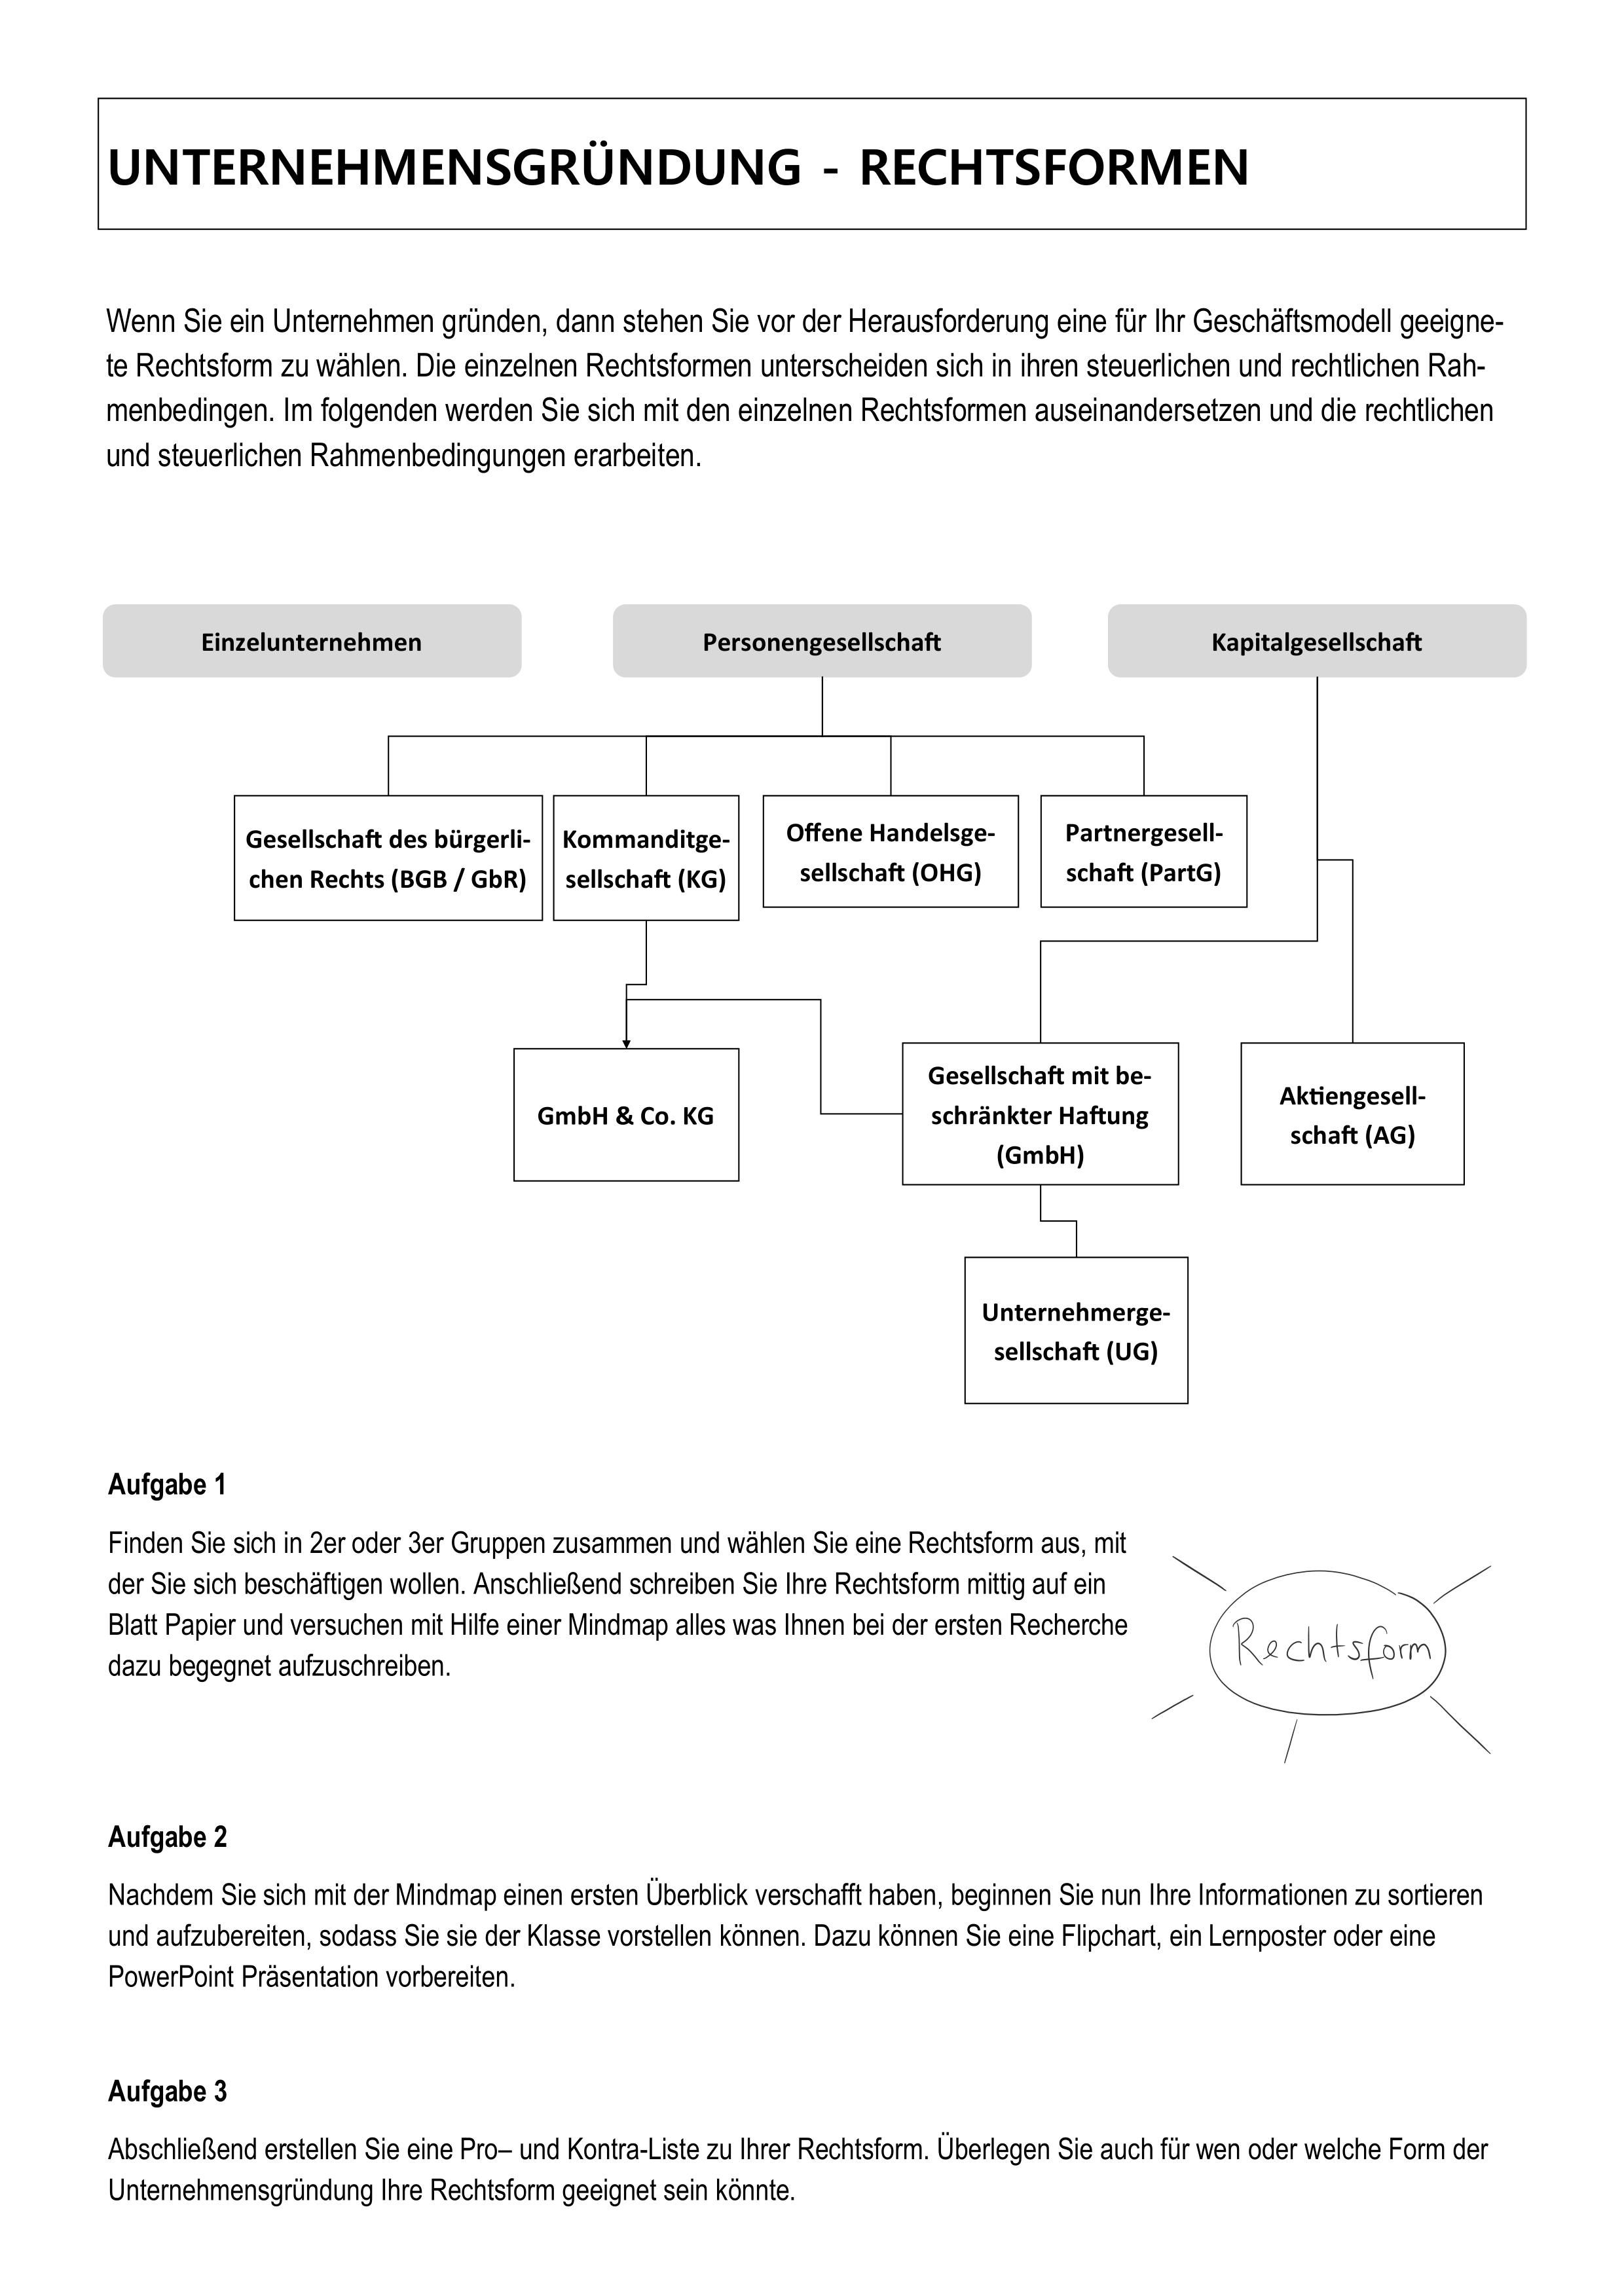 Rechtsformen Unterrichtsmaterial In Den Fachern Wirtschaft Wirtschaft Versicherung Verwaltung Bs Rechtsformen Schulalltag Lernen